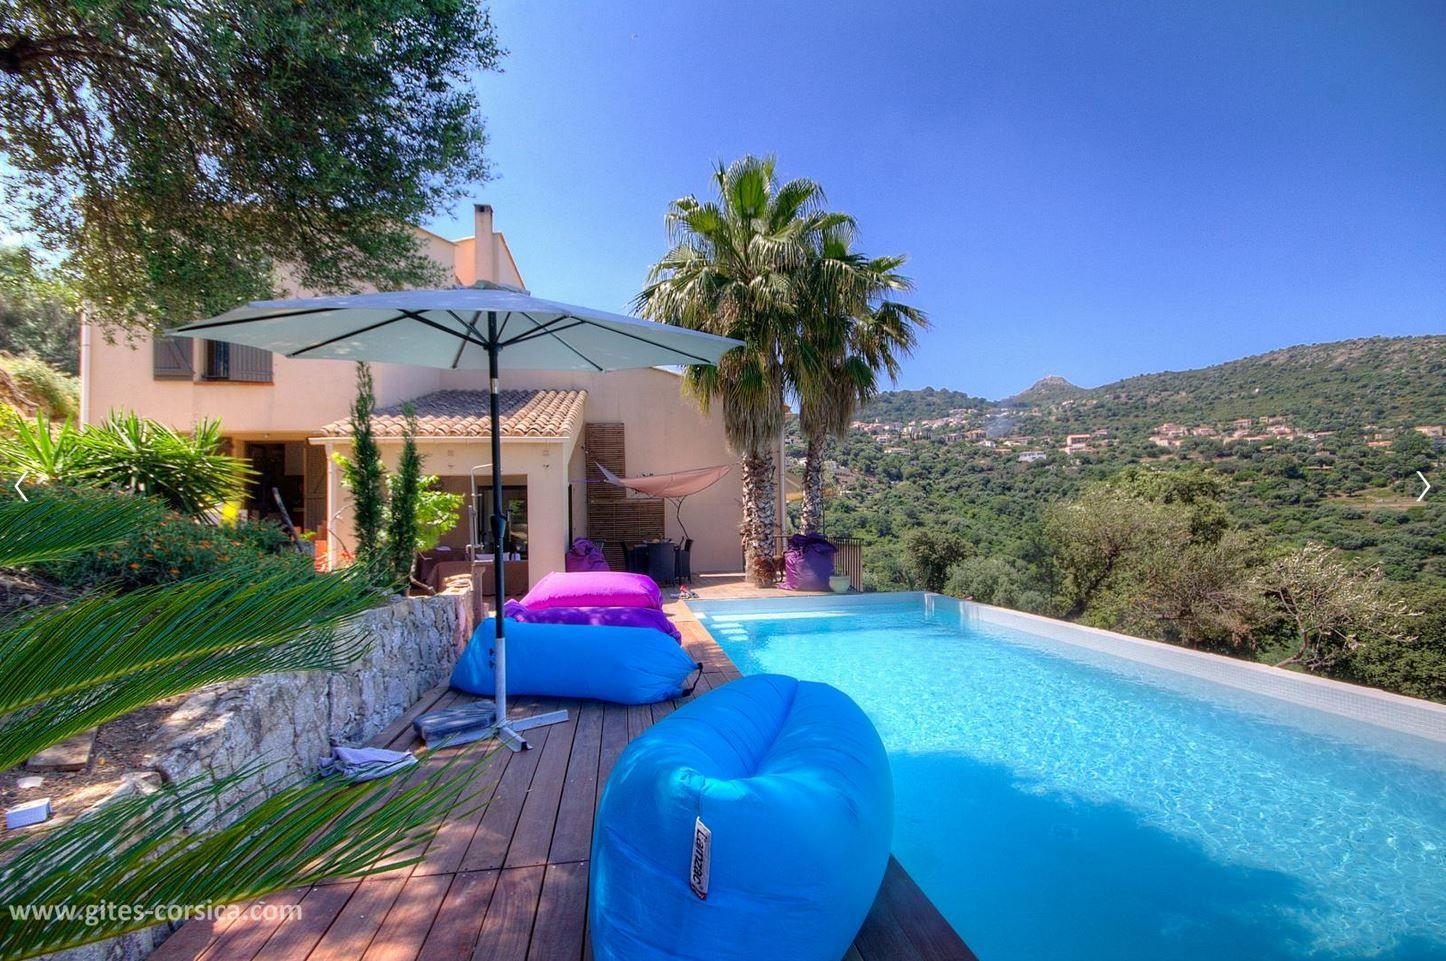 Sur Une Propriete De 2 500 M A Proximite D Ile Rousse Cette Maison De 250 M Entre Mer Et Montagne Est Le Point De Chute Id Vacances Corse Locations Vacances